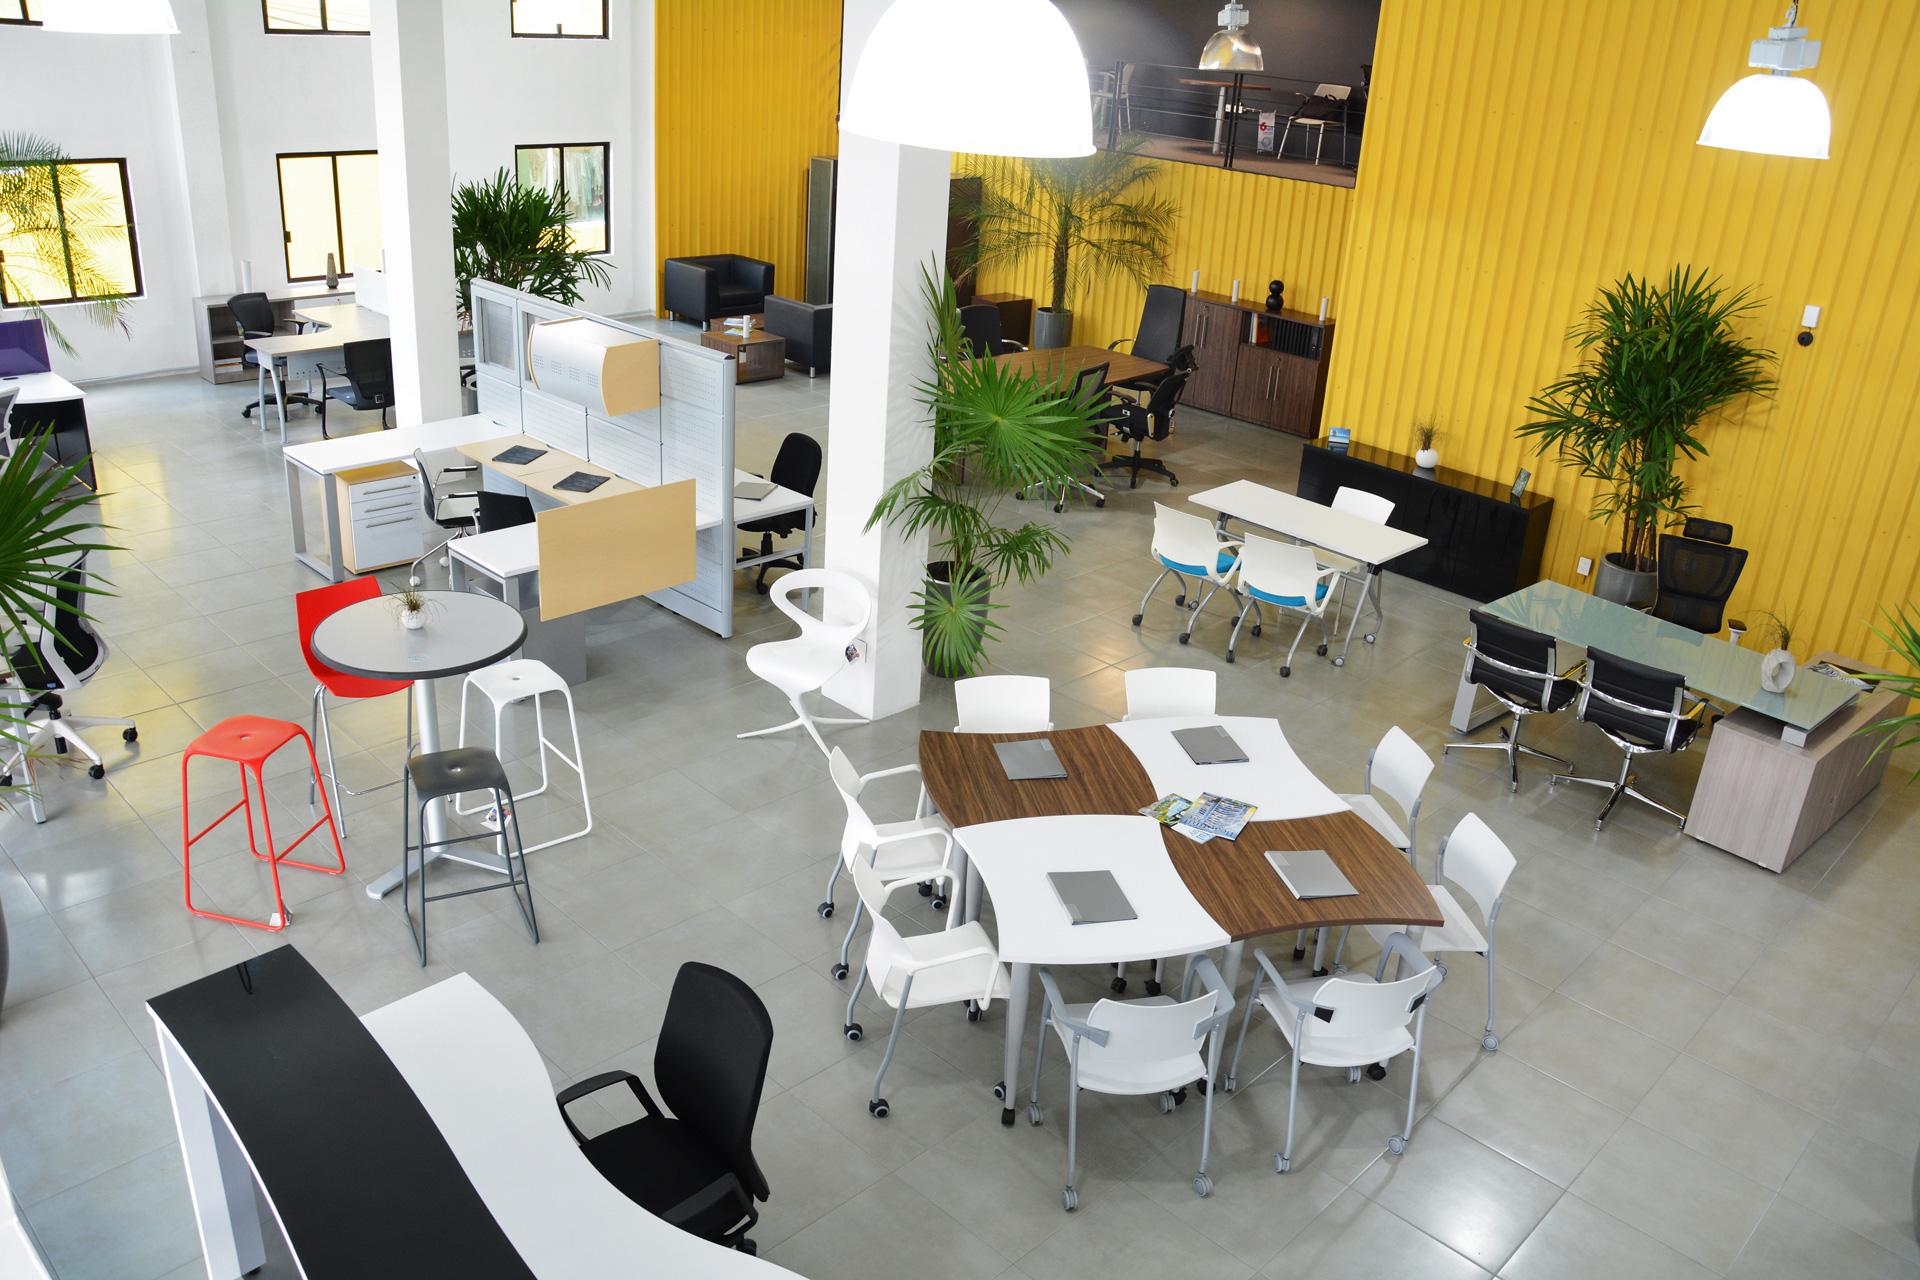 Muebles Para Oficina Queretaro 16 Muebles Para Oficina En M Xico # Muebles Queretaro